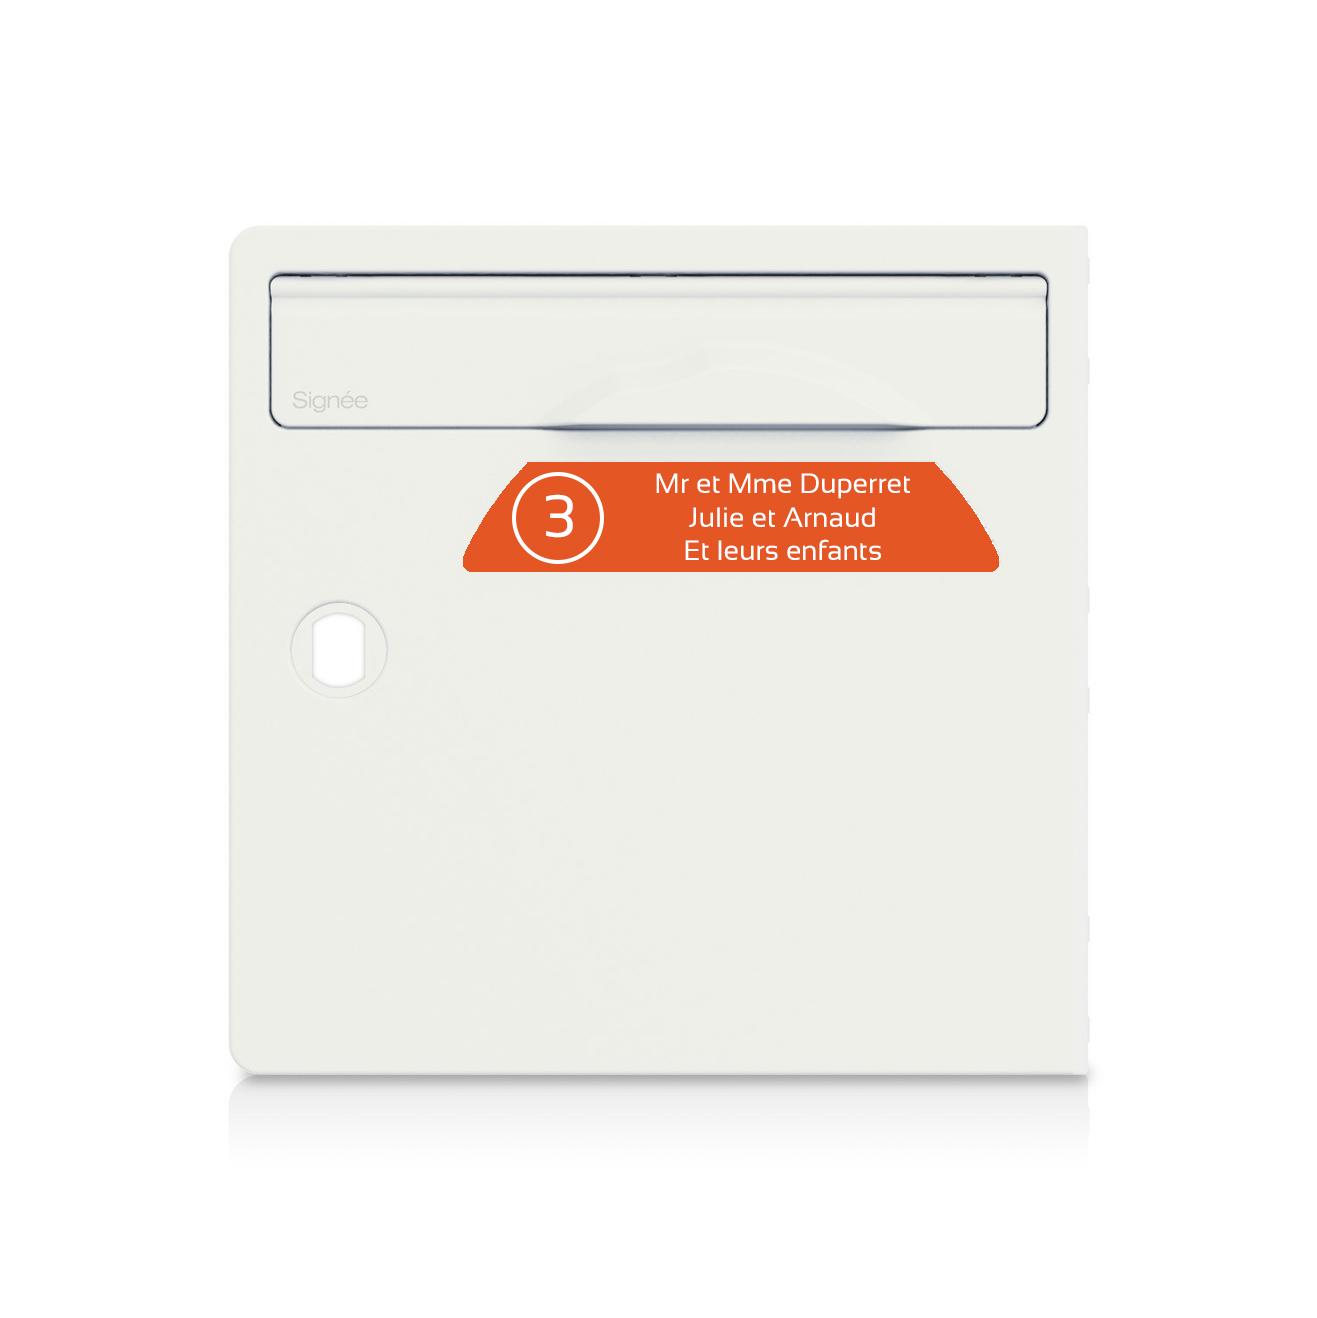 Plaque boite aux lettres Signée NUMERO orange lettres blanches - 3 lignes